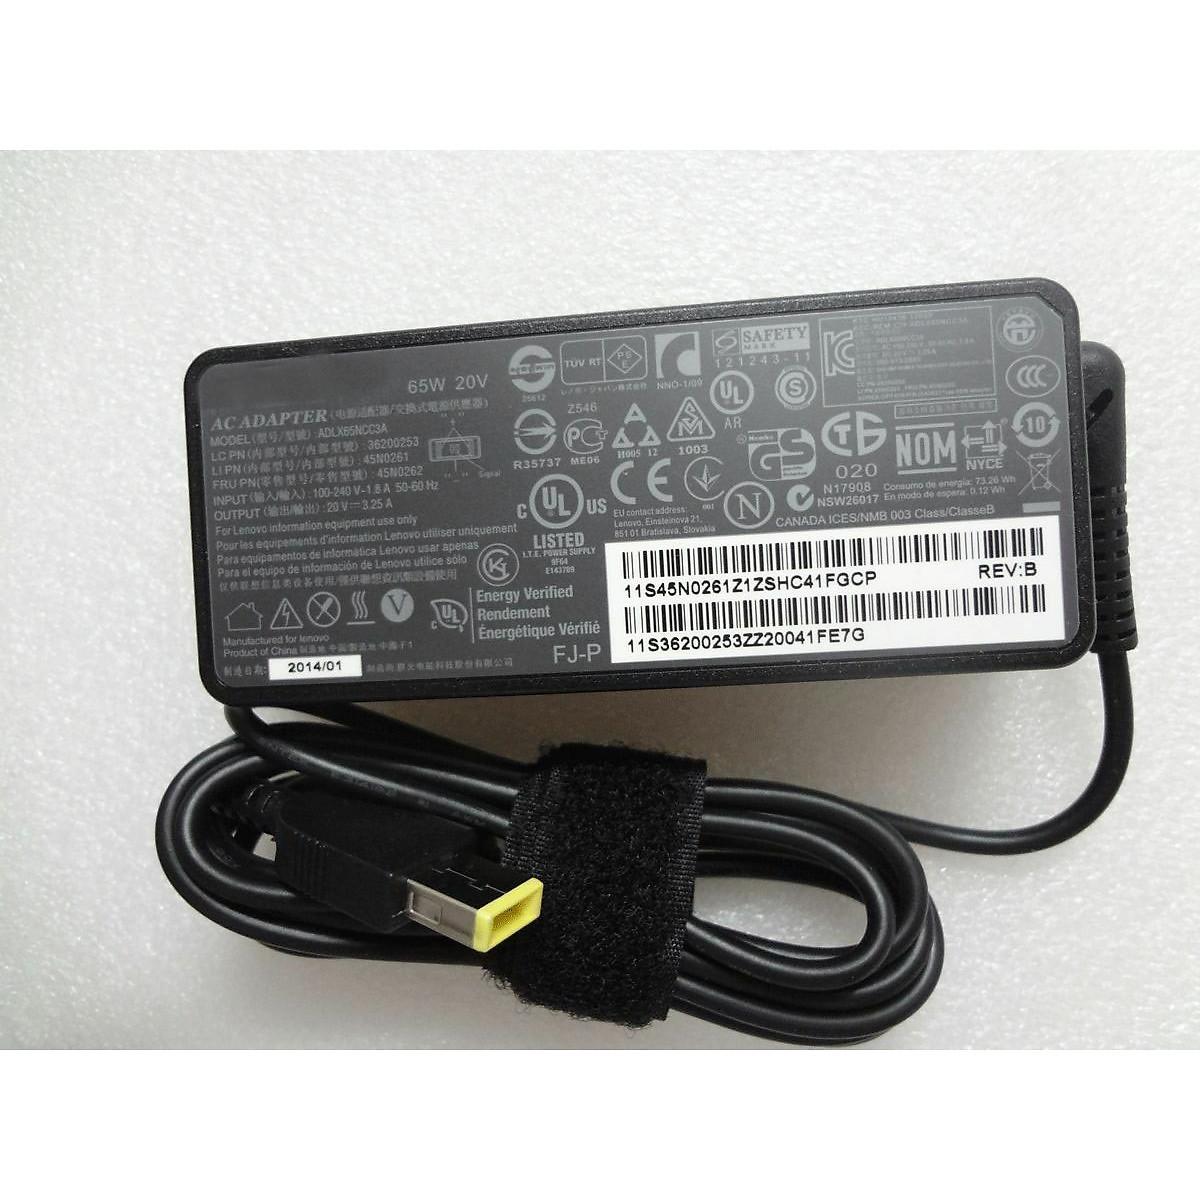 Sạc dành cho Laptop lenovo G410, G410S Adapter